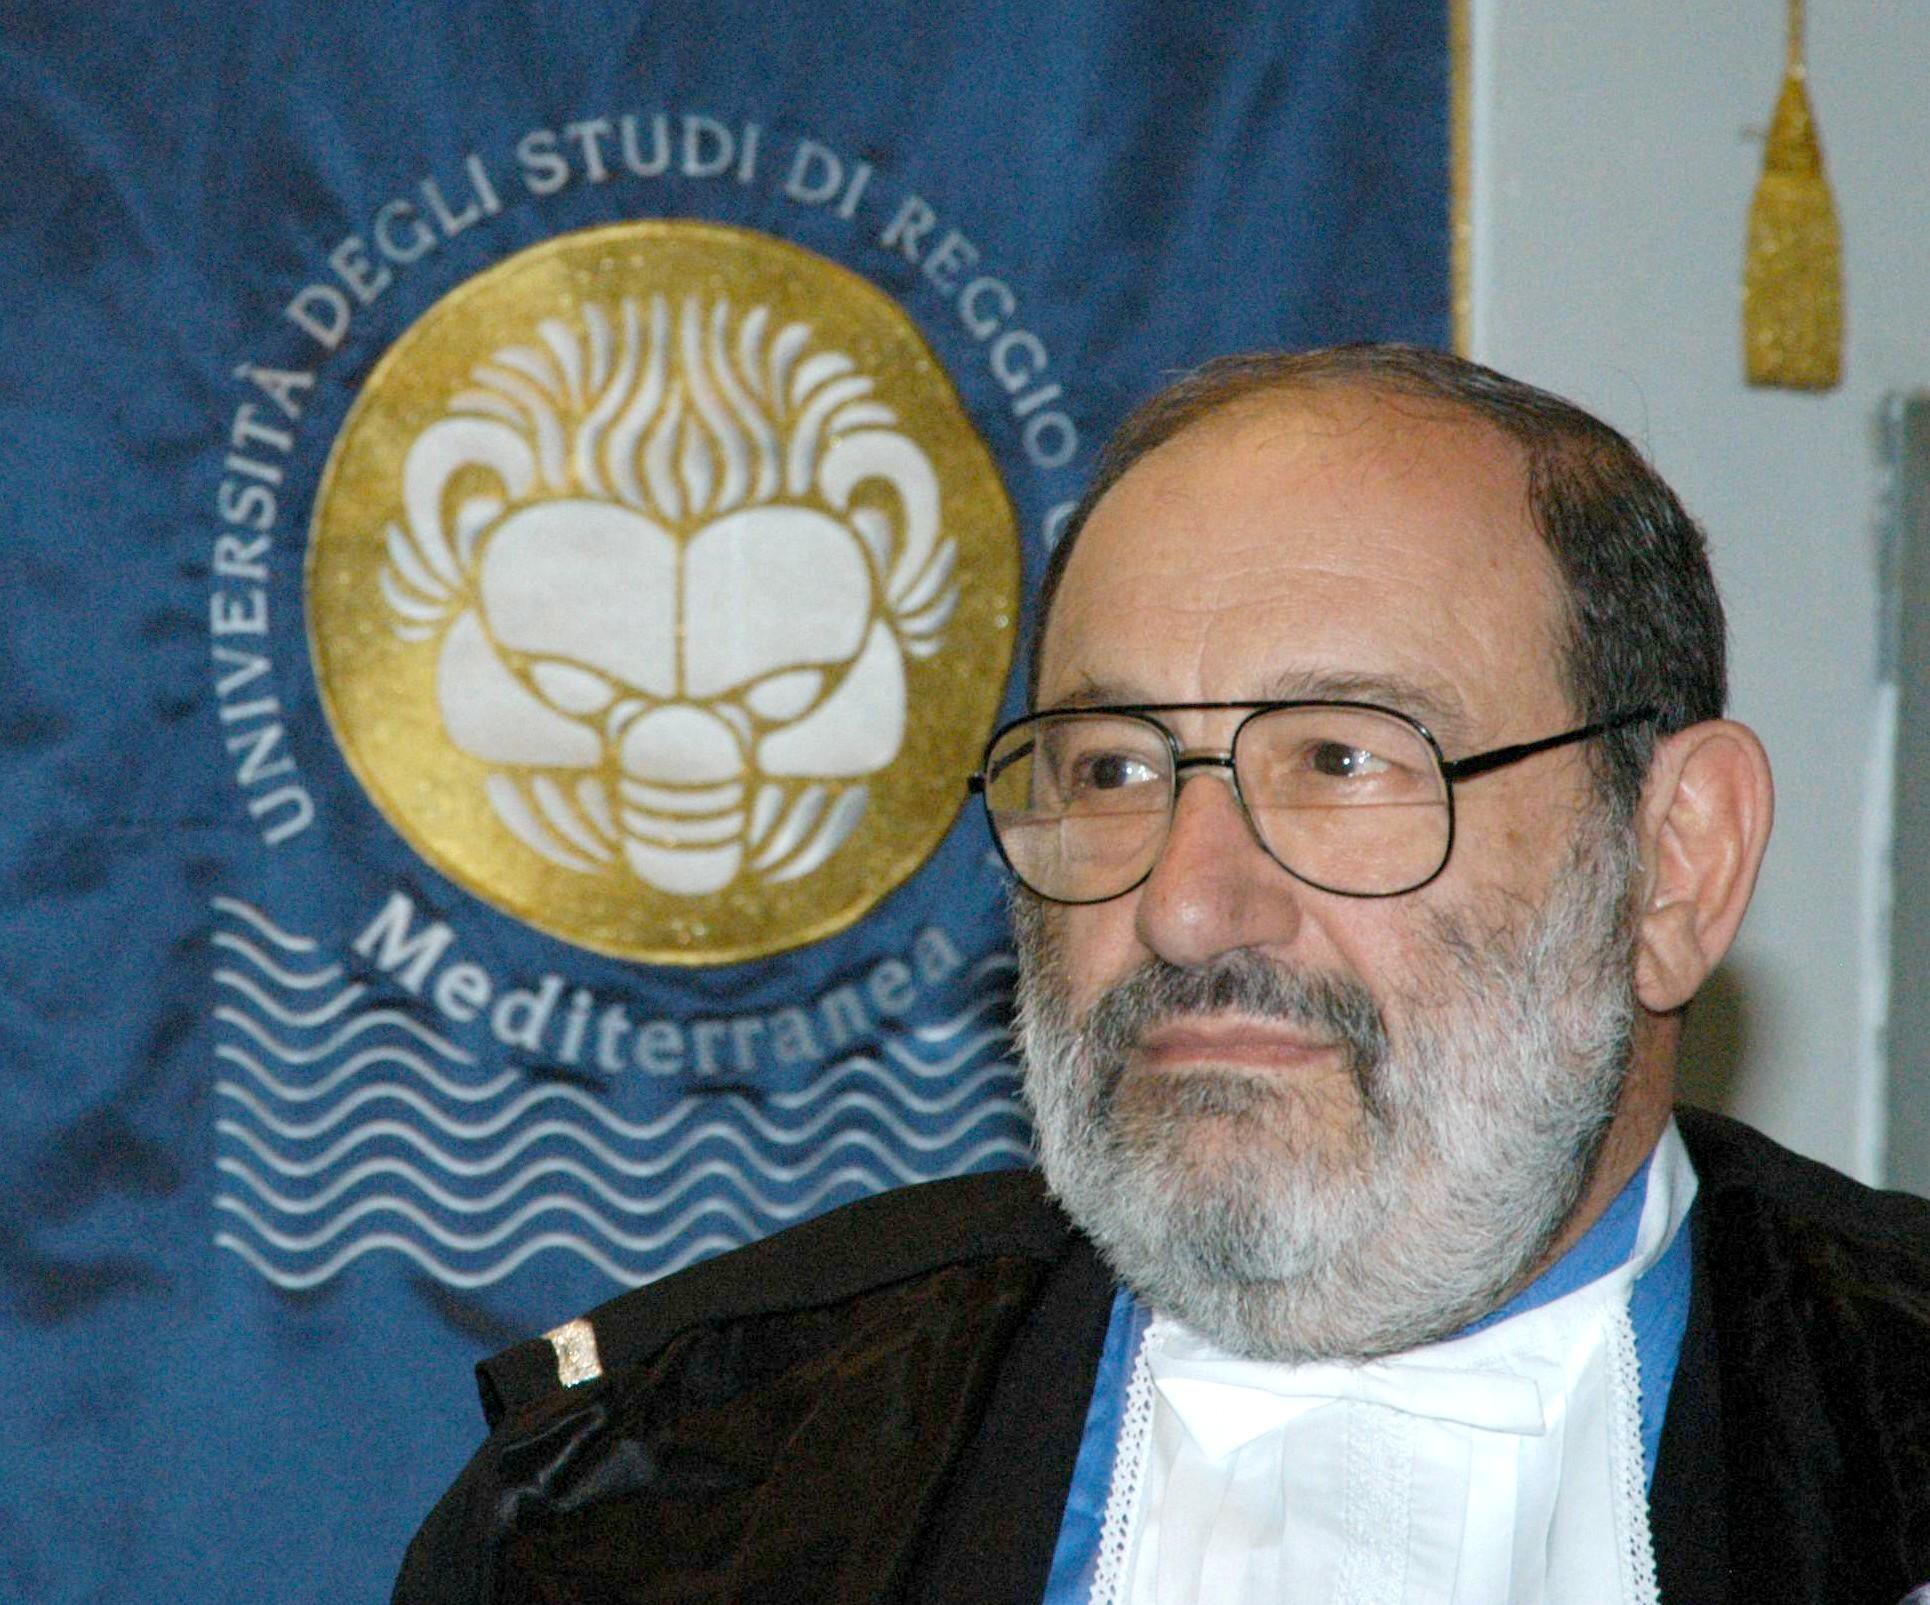 Idade Média Vol 1 - Umberto Eco, Umberto Eco - Compra ...